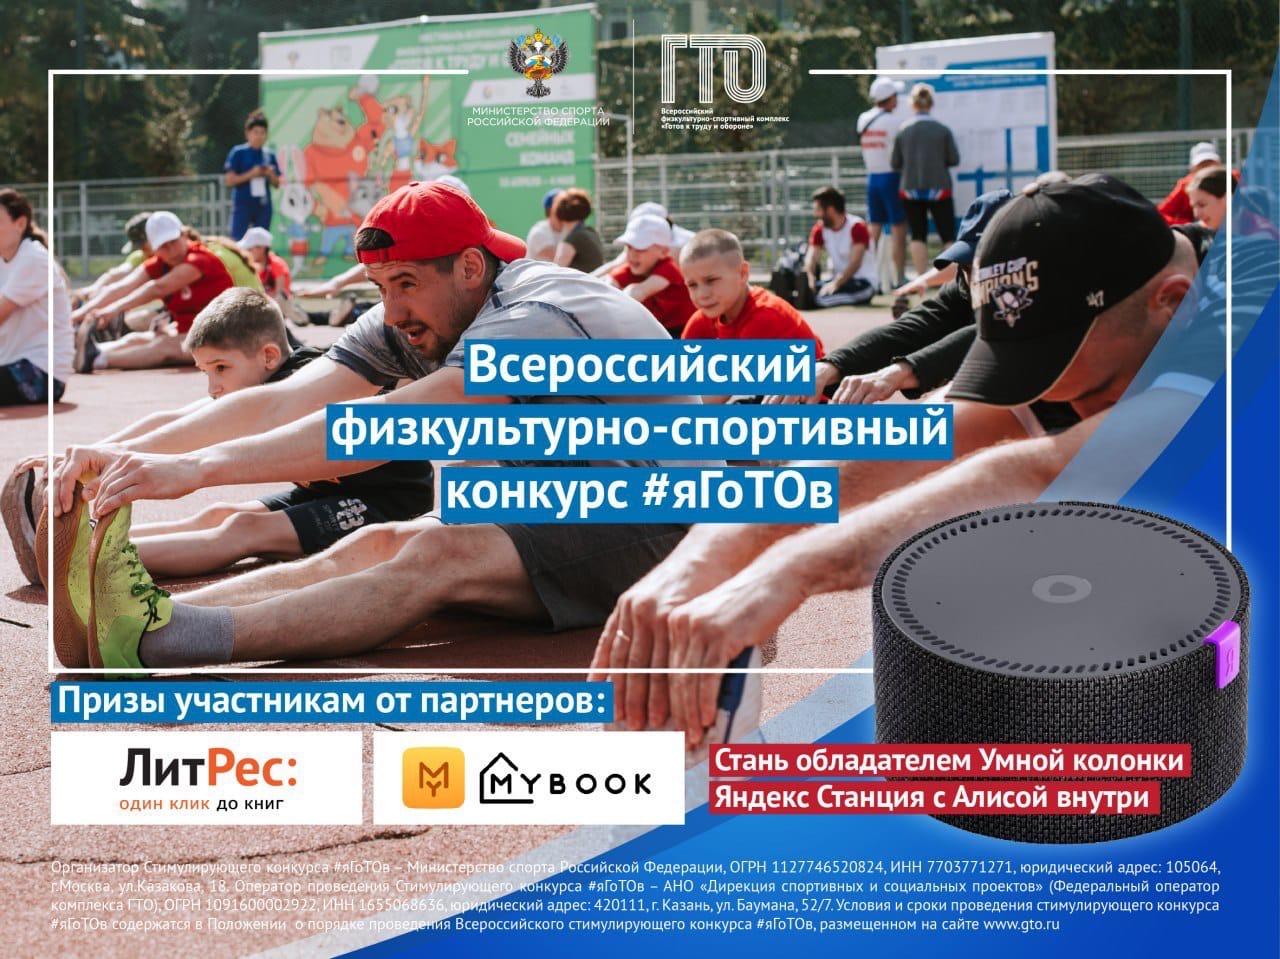 Всероссийский конкурс #яГоТОв!